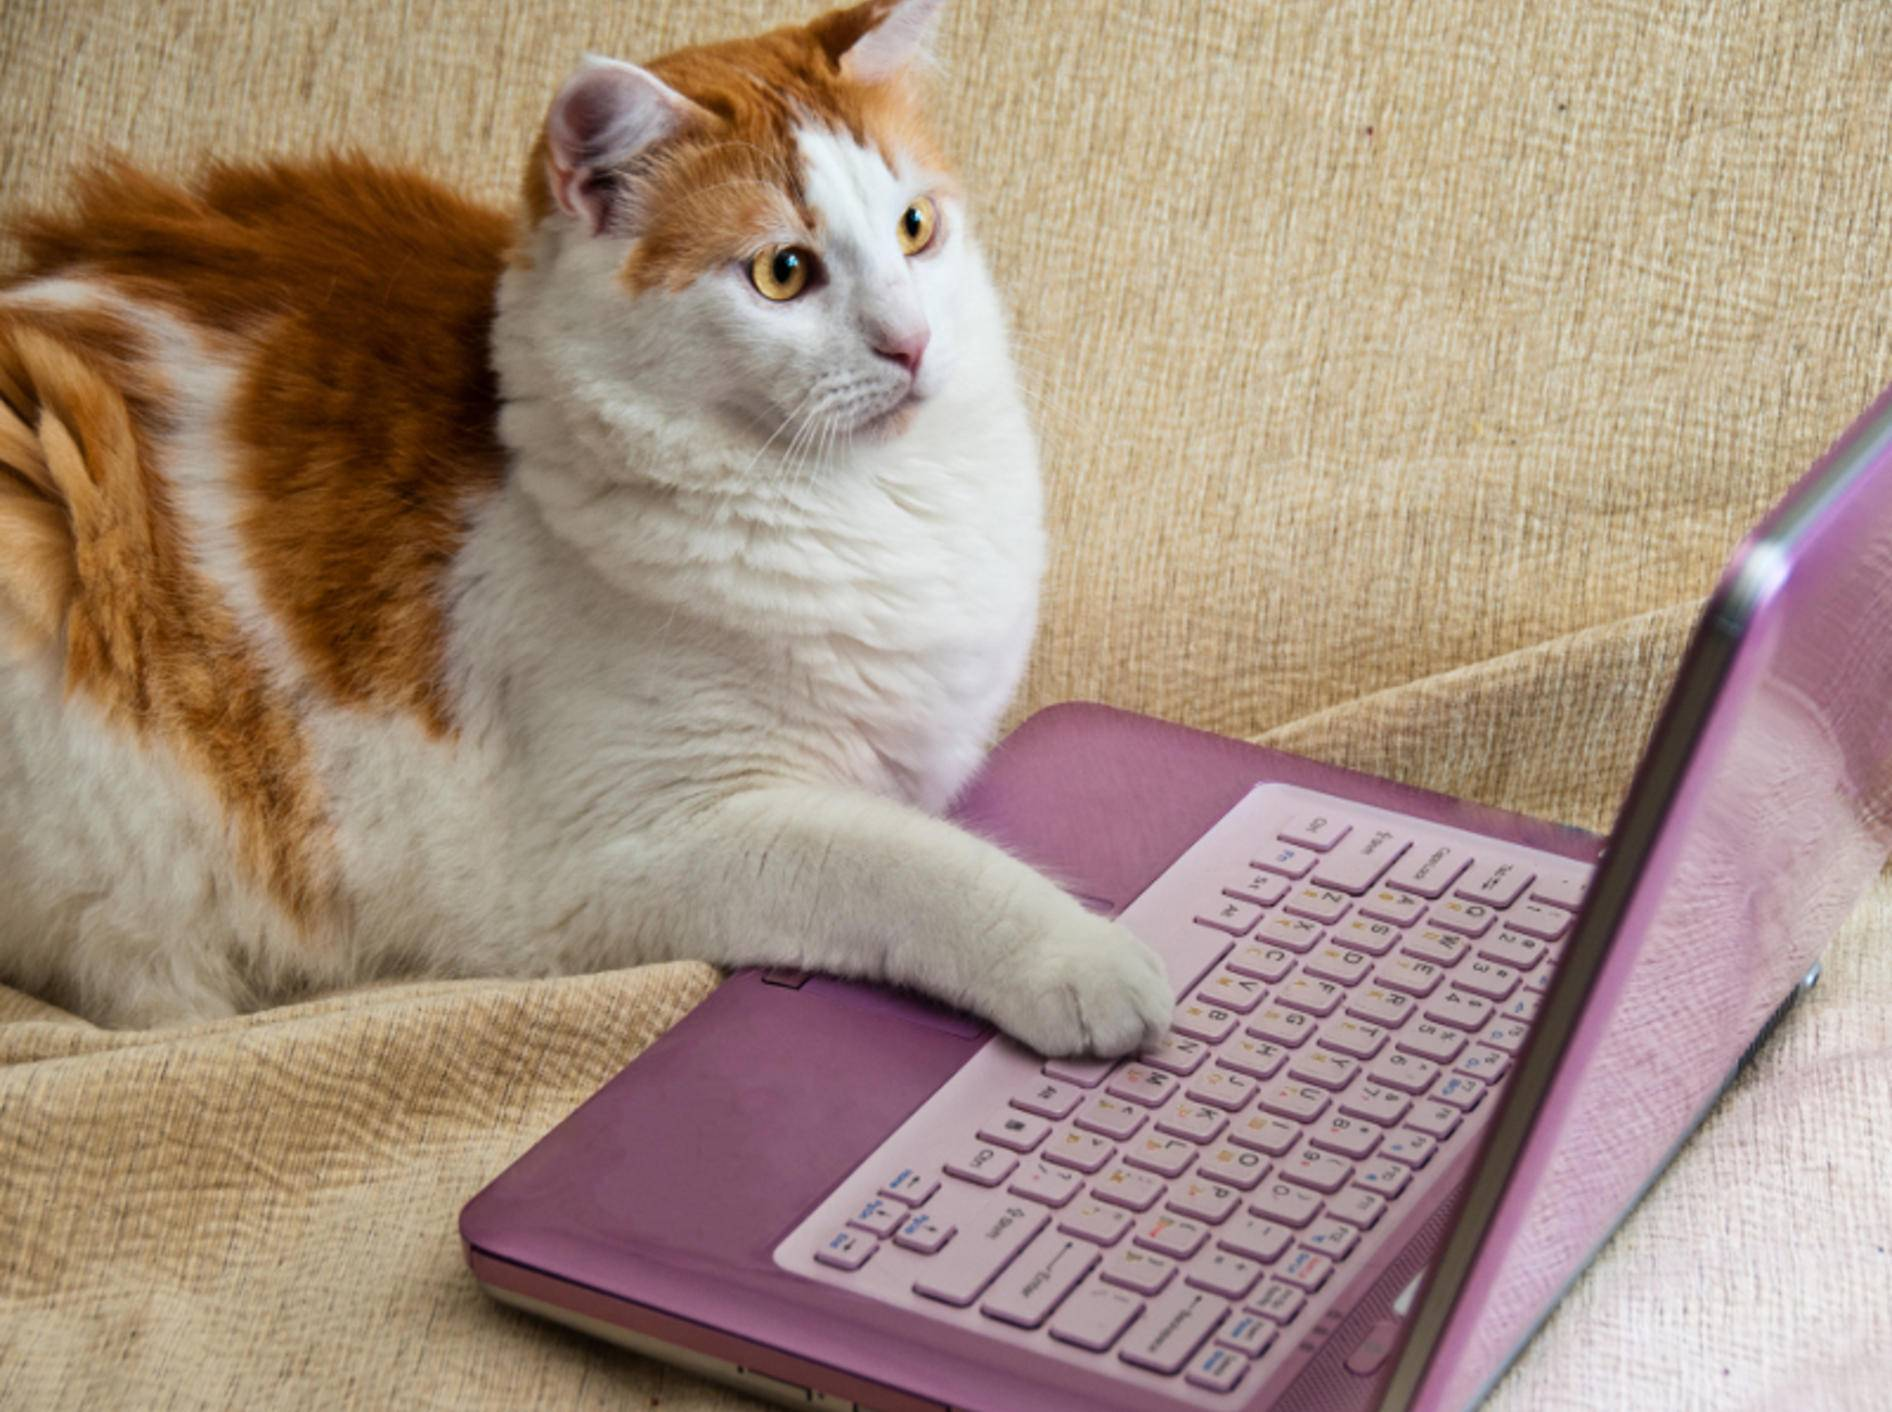 Katzen und Internet – das passt einfach wunderbar zusammen – Shutterstock / ben44